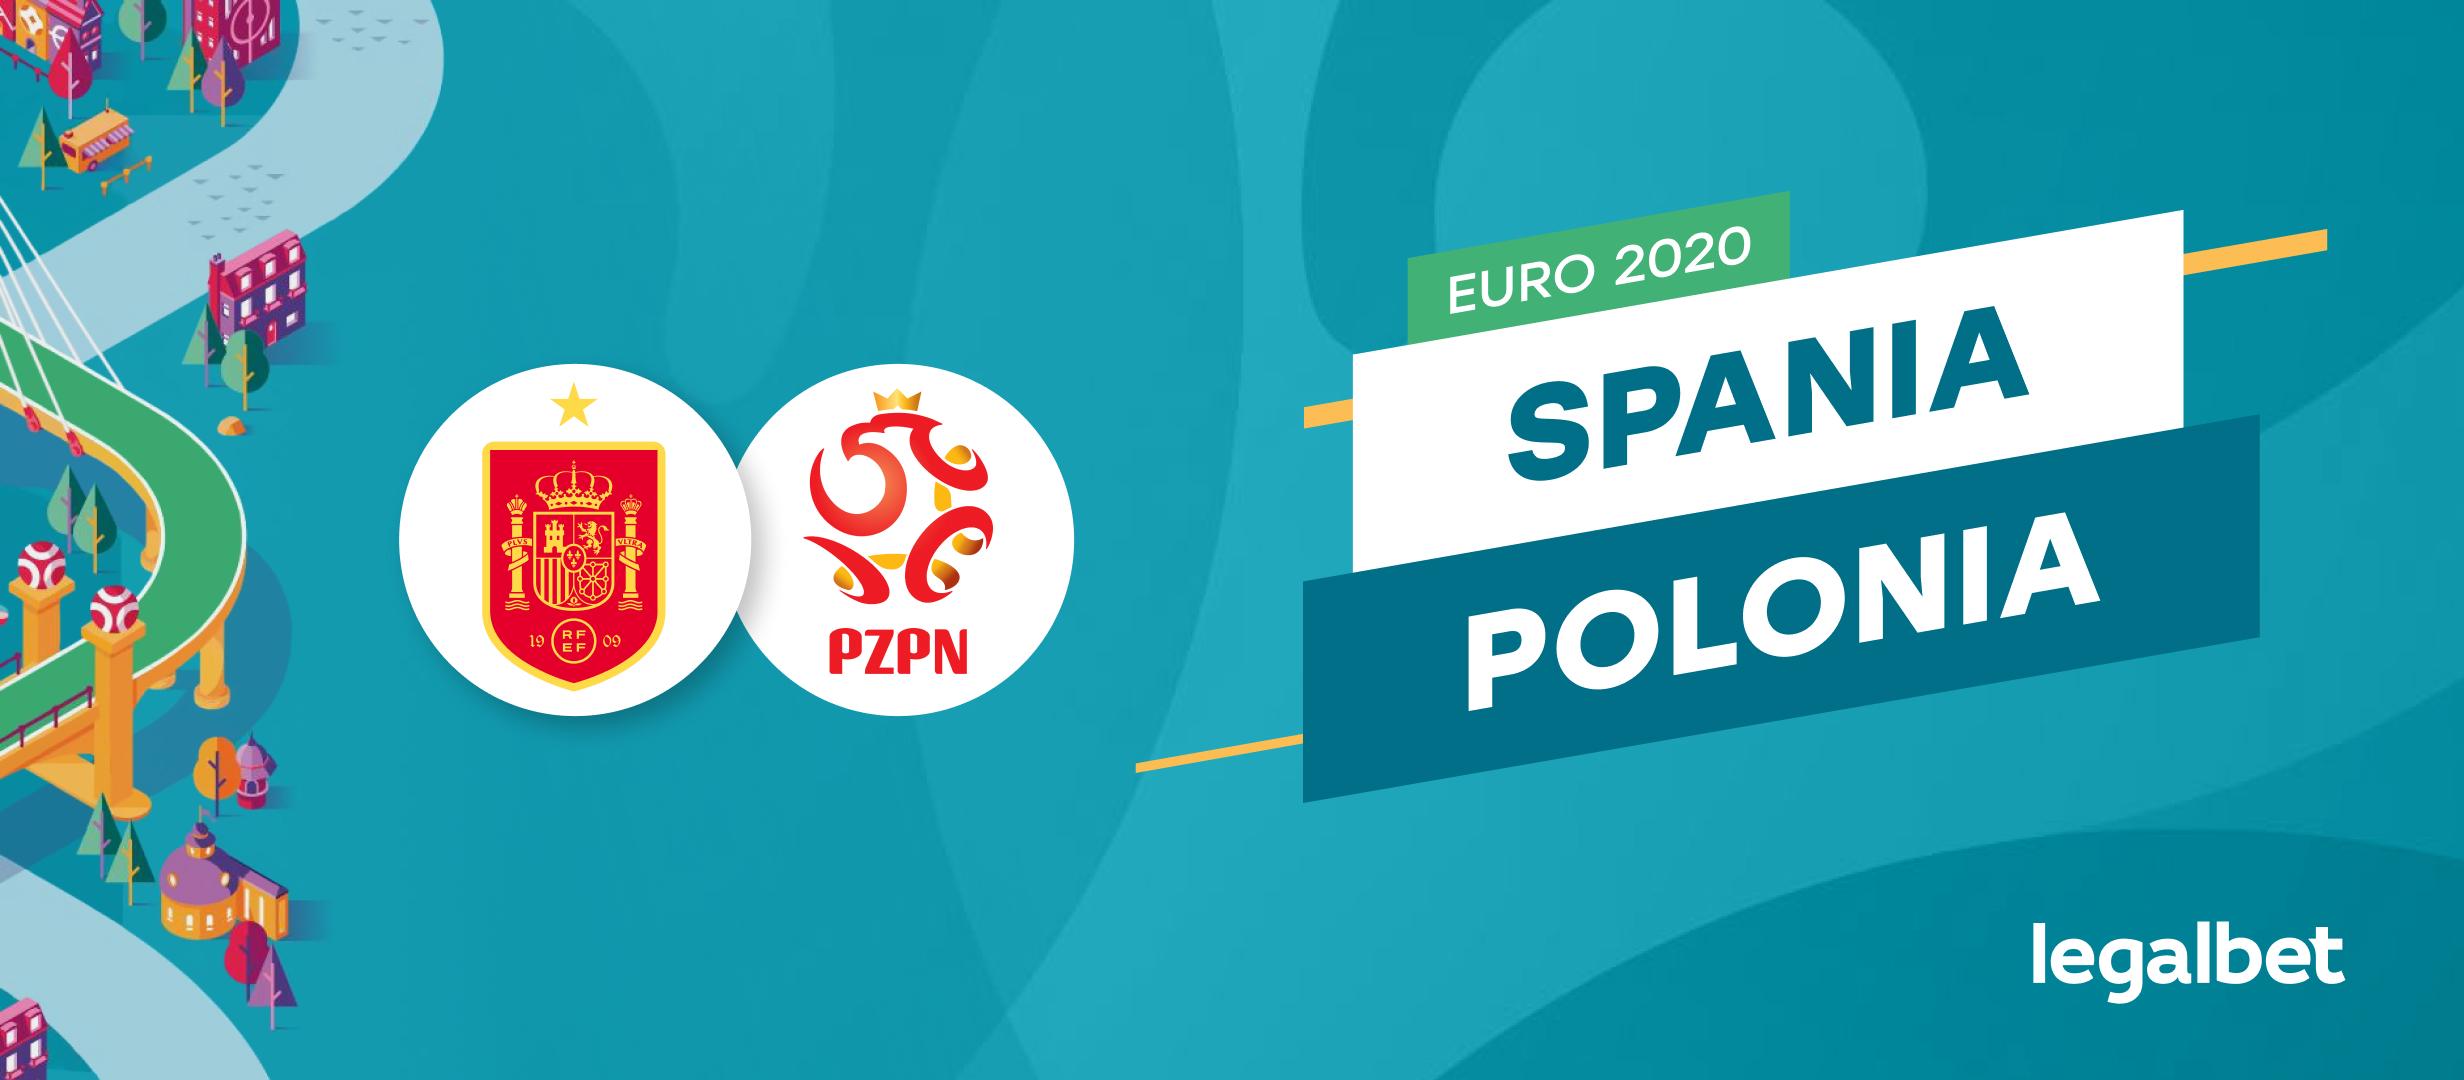 Spania vs Polonia – cote la pariuri, ponturi si informatii